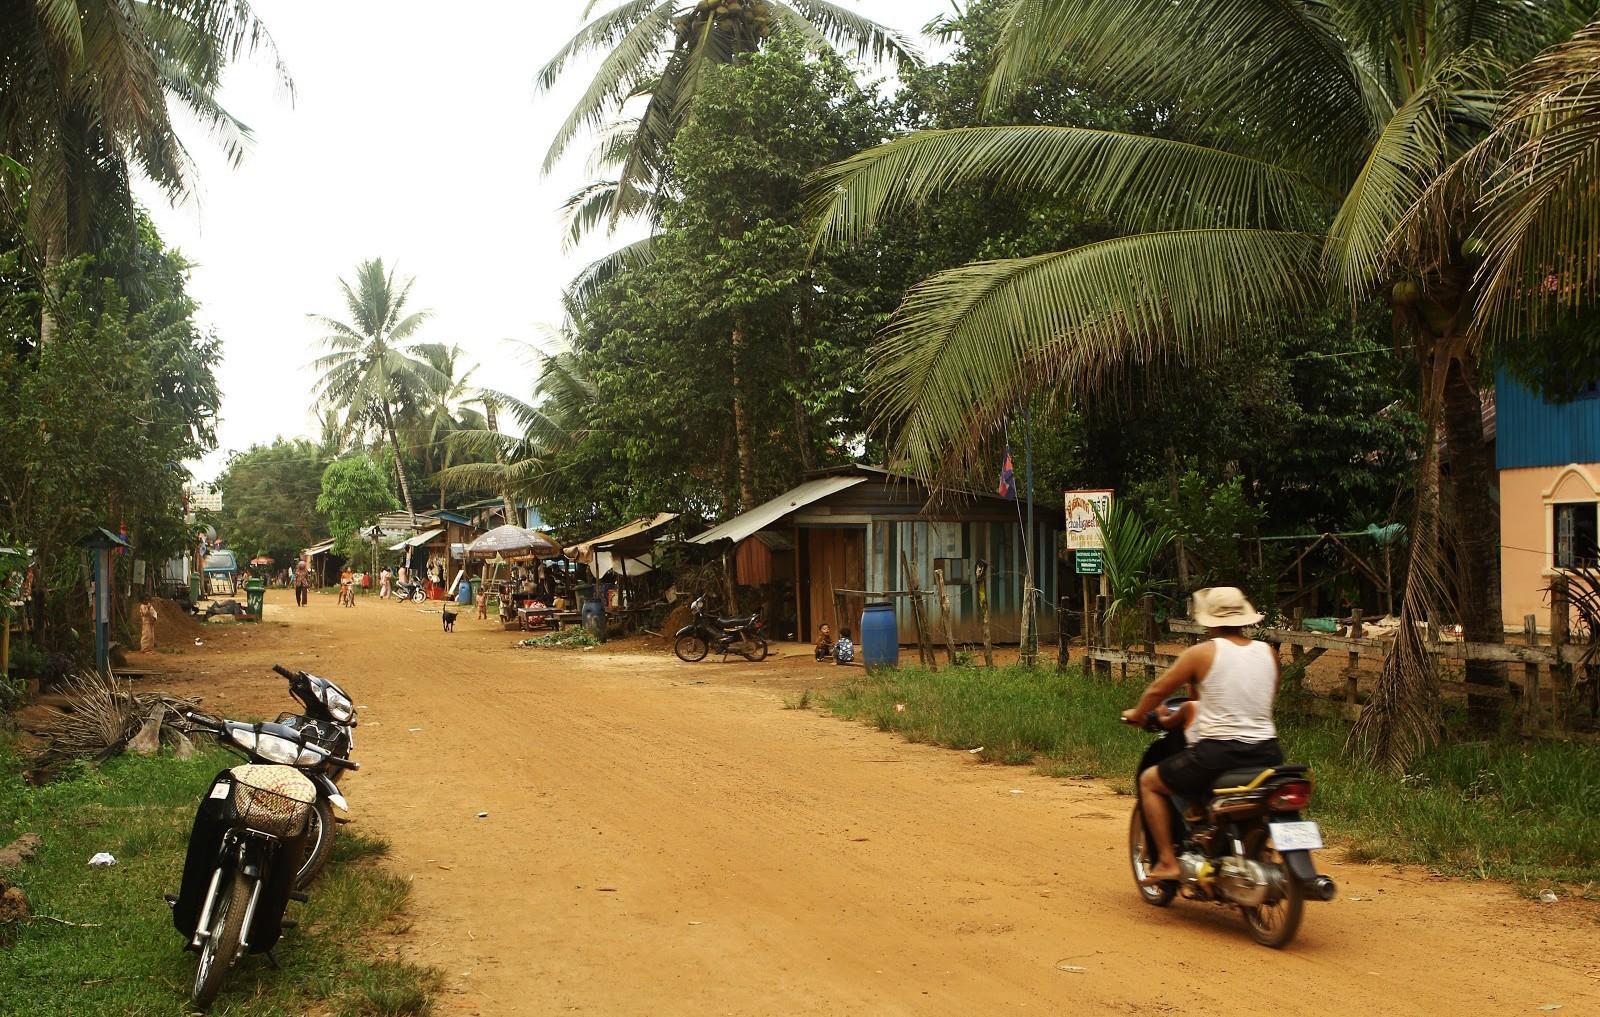 камбоджа, достопримечательности камбоджи, кахконг, chi phat, треккинг, travel cambodia